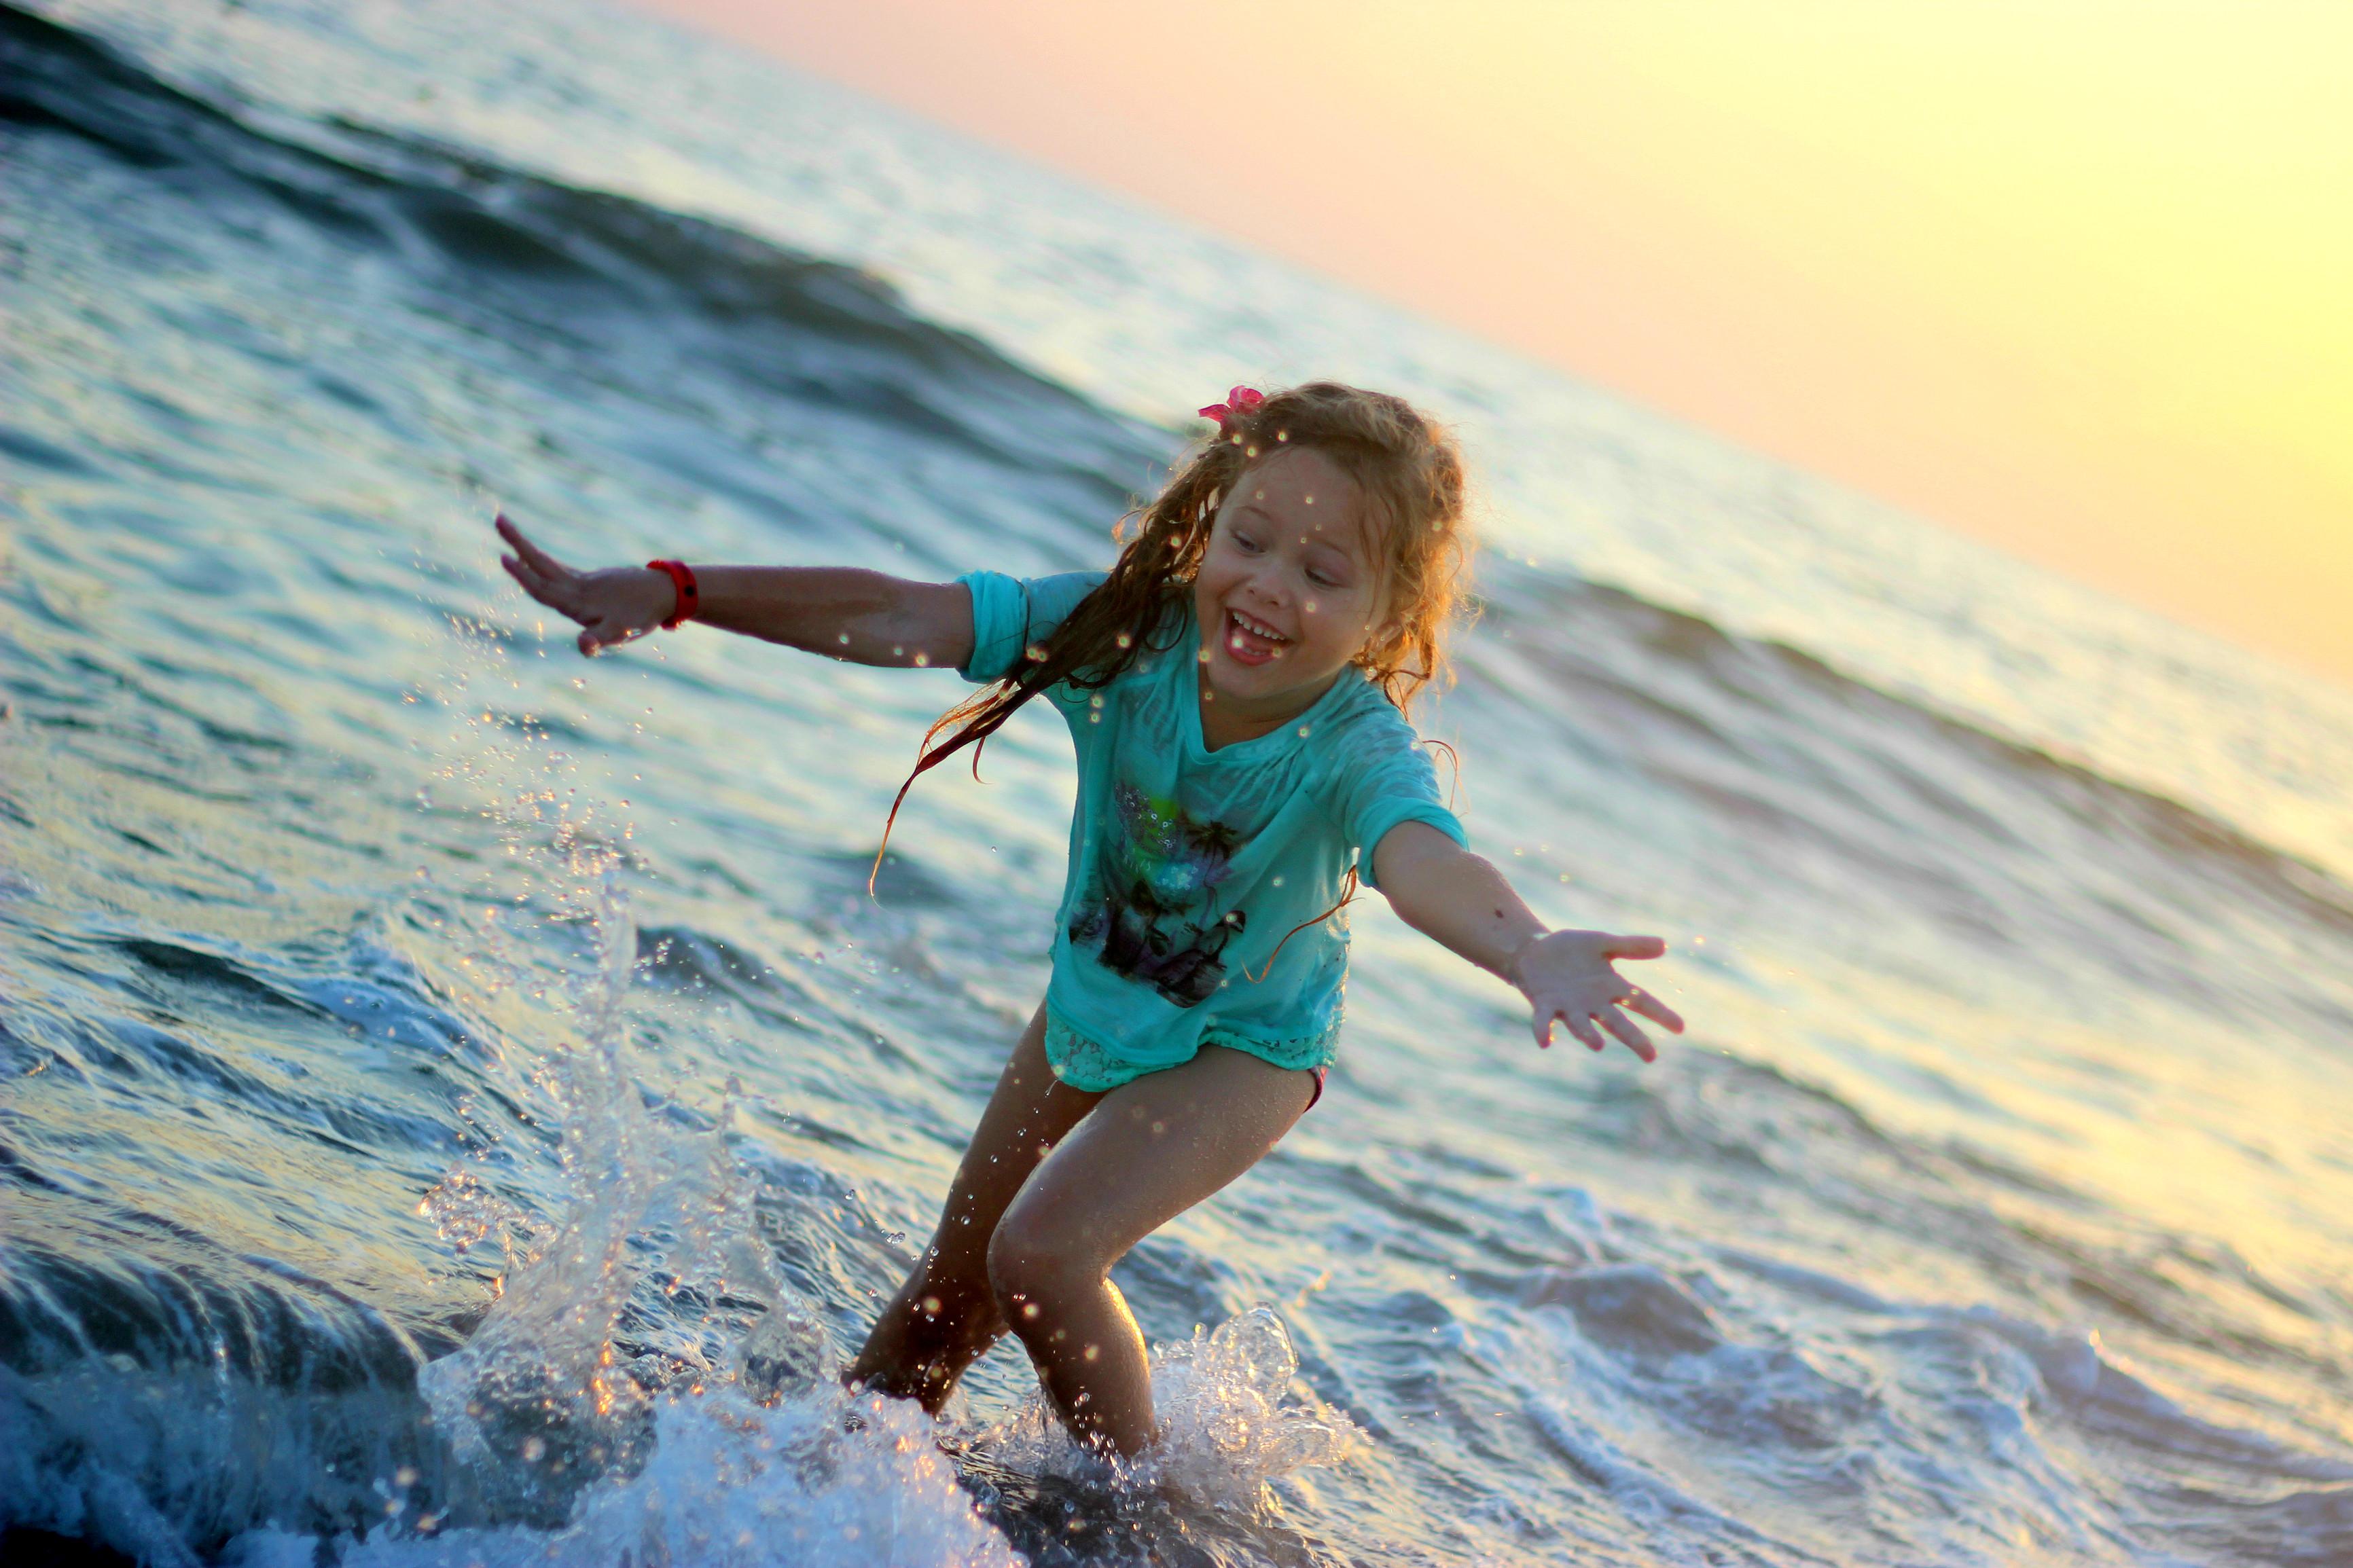 Природе лета не отнять, мы будем по морю гулять)). Летнее настроение